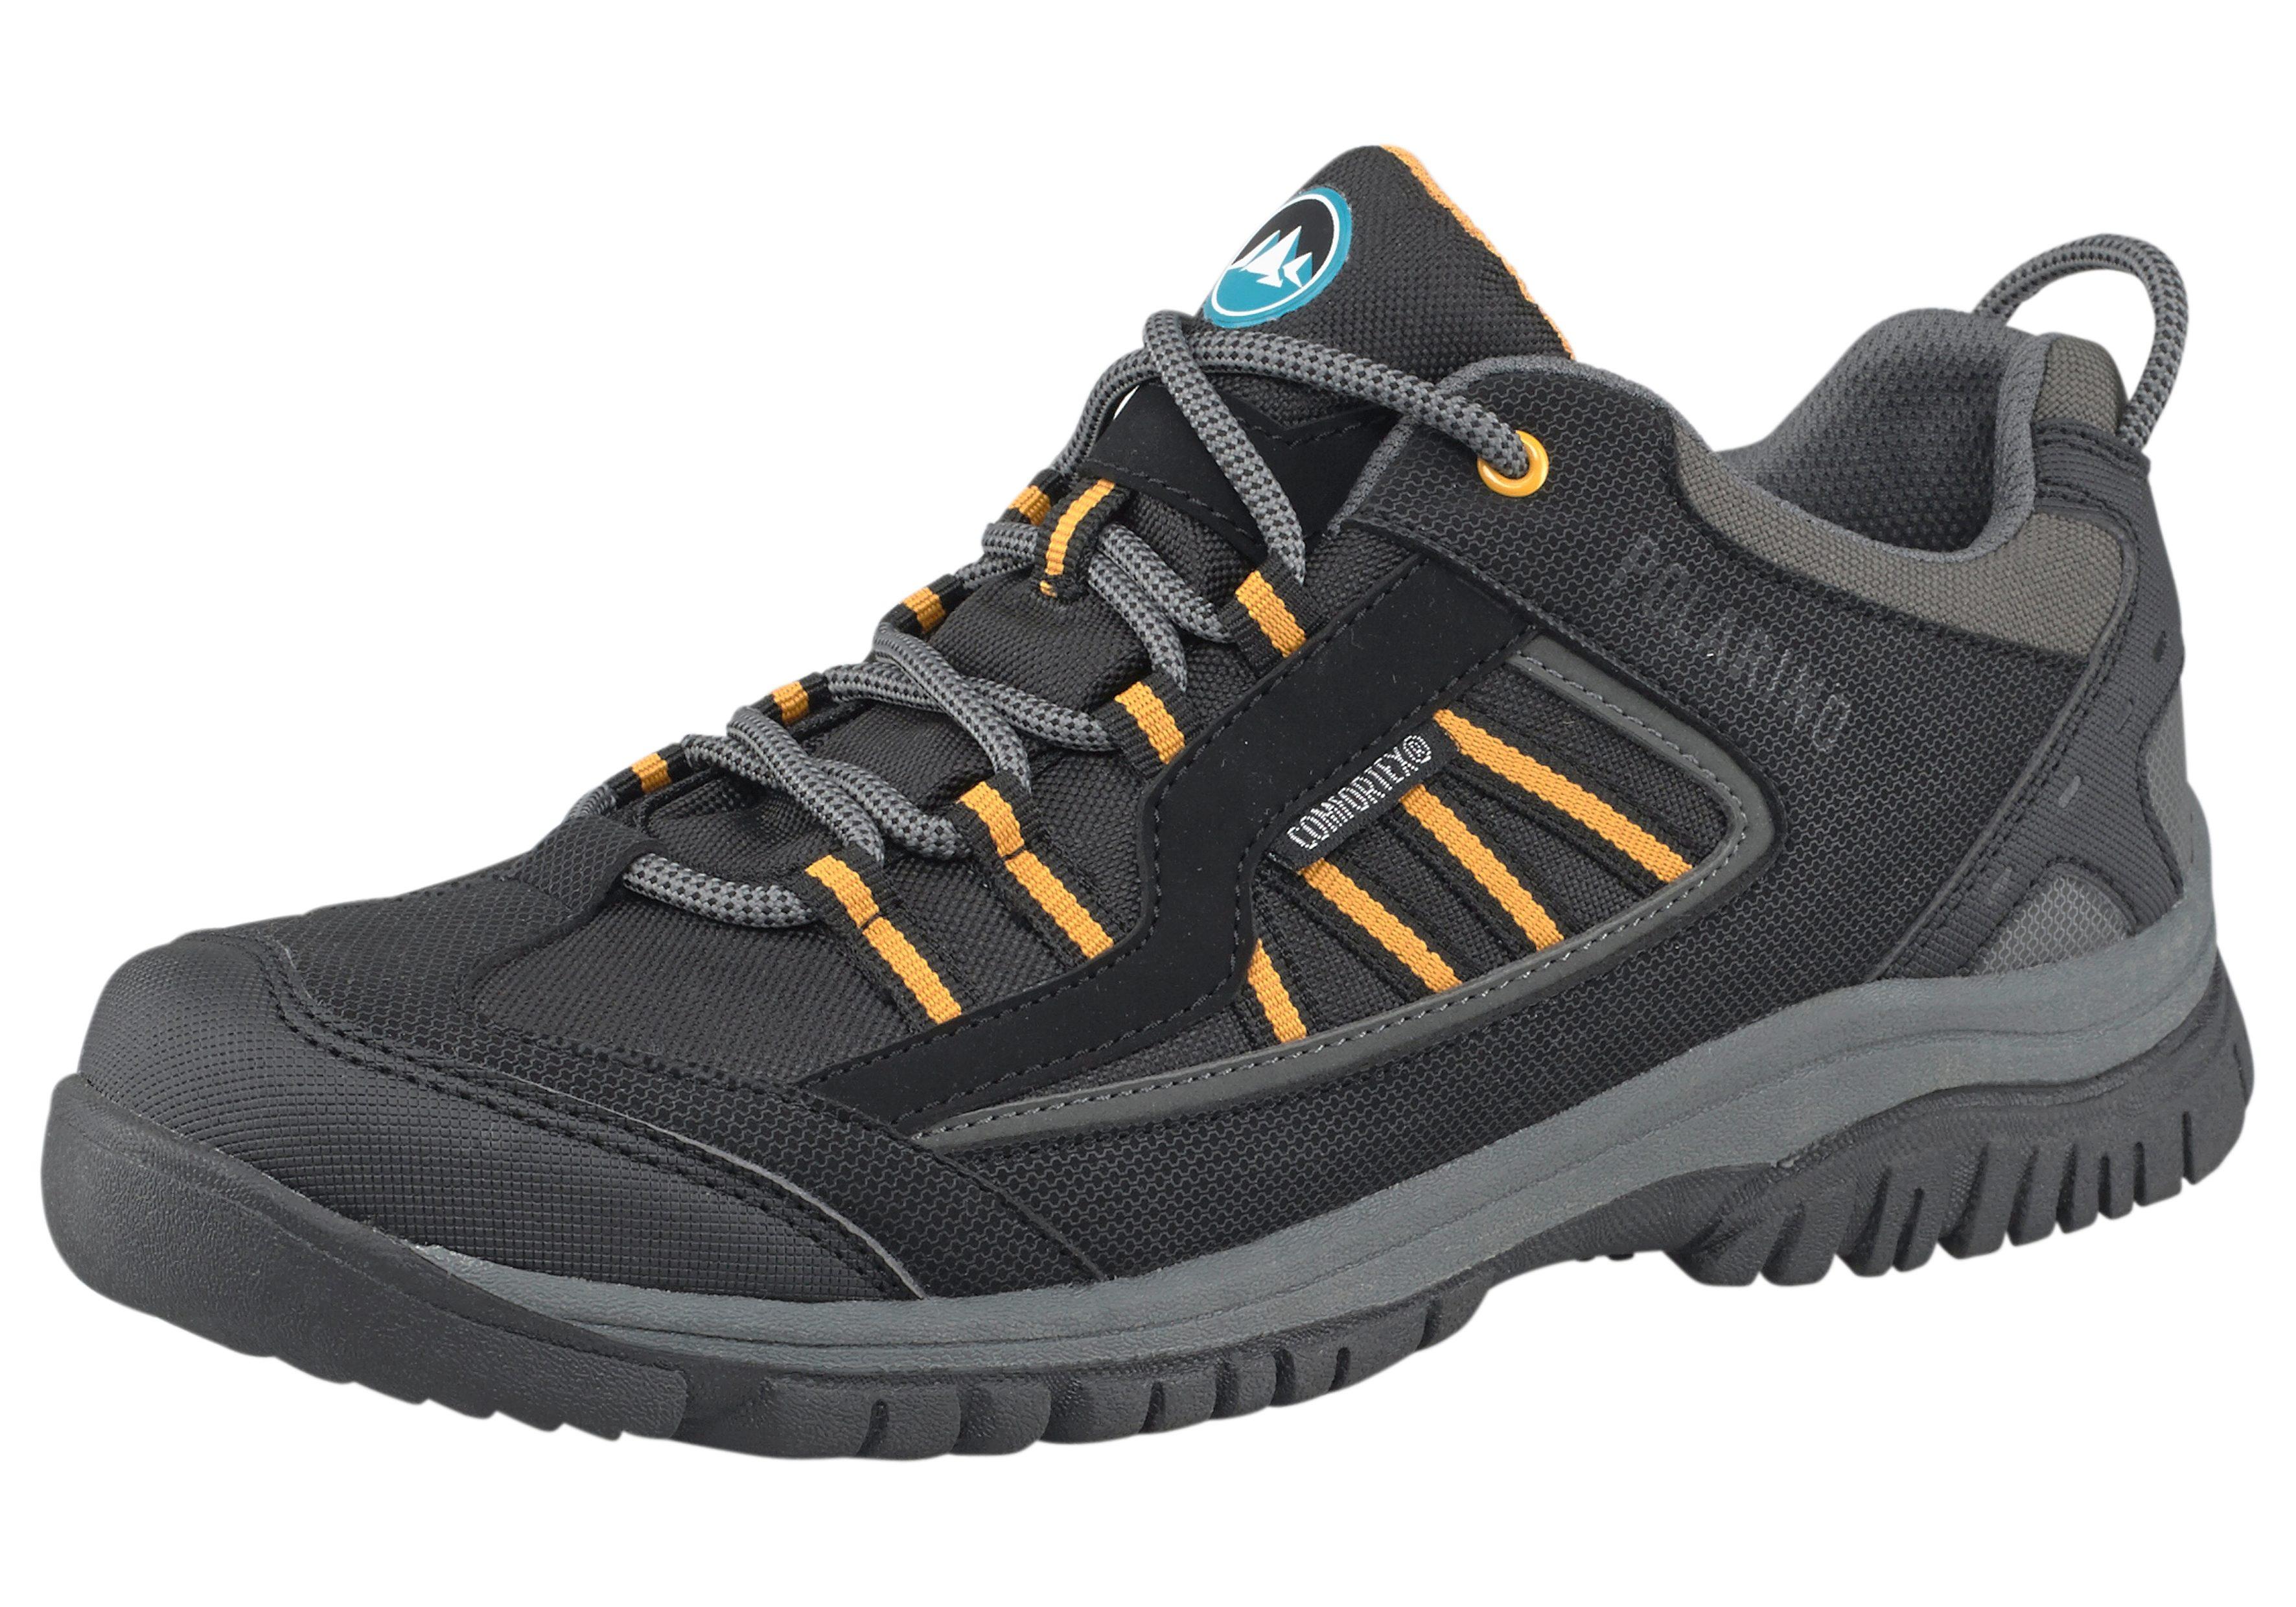 Bruetting Hommes Hiker Chaussures De Marche - Noir (noir / Gris), Taille: 41